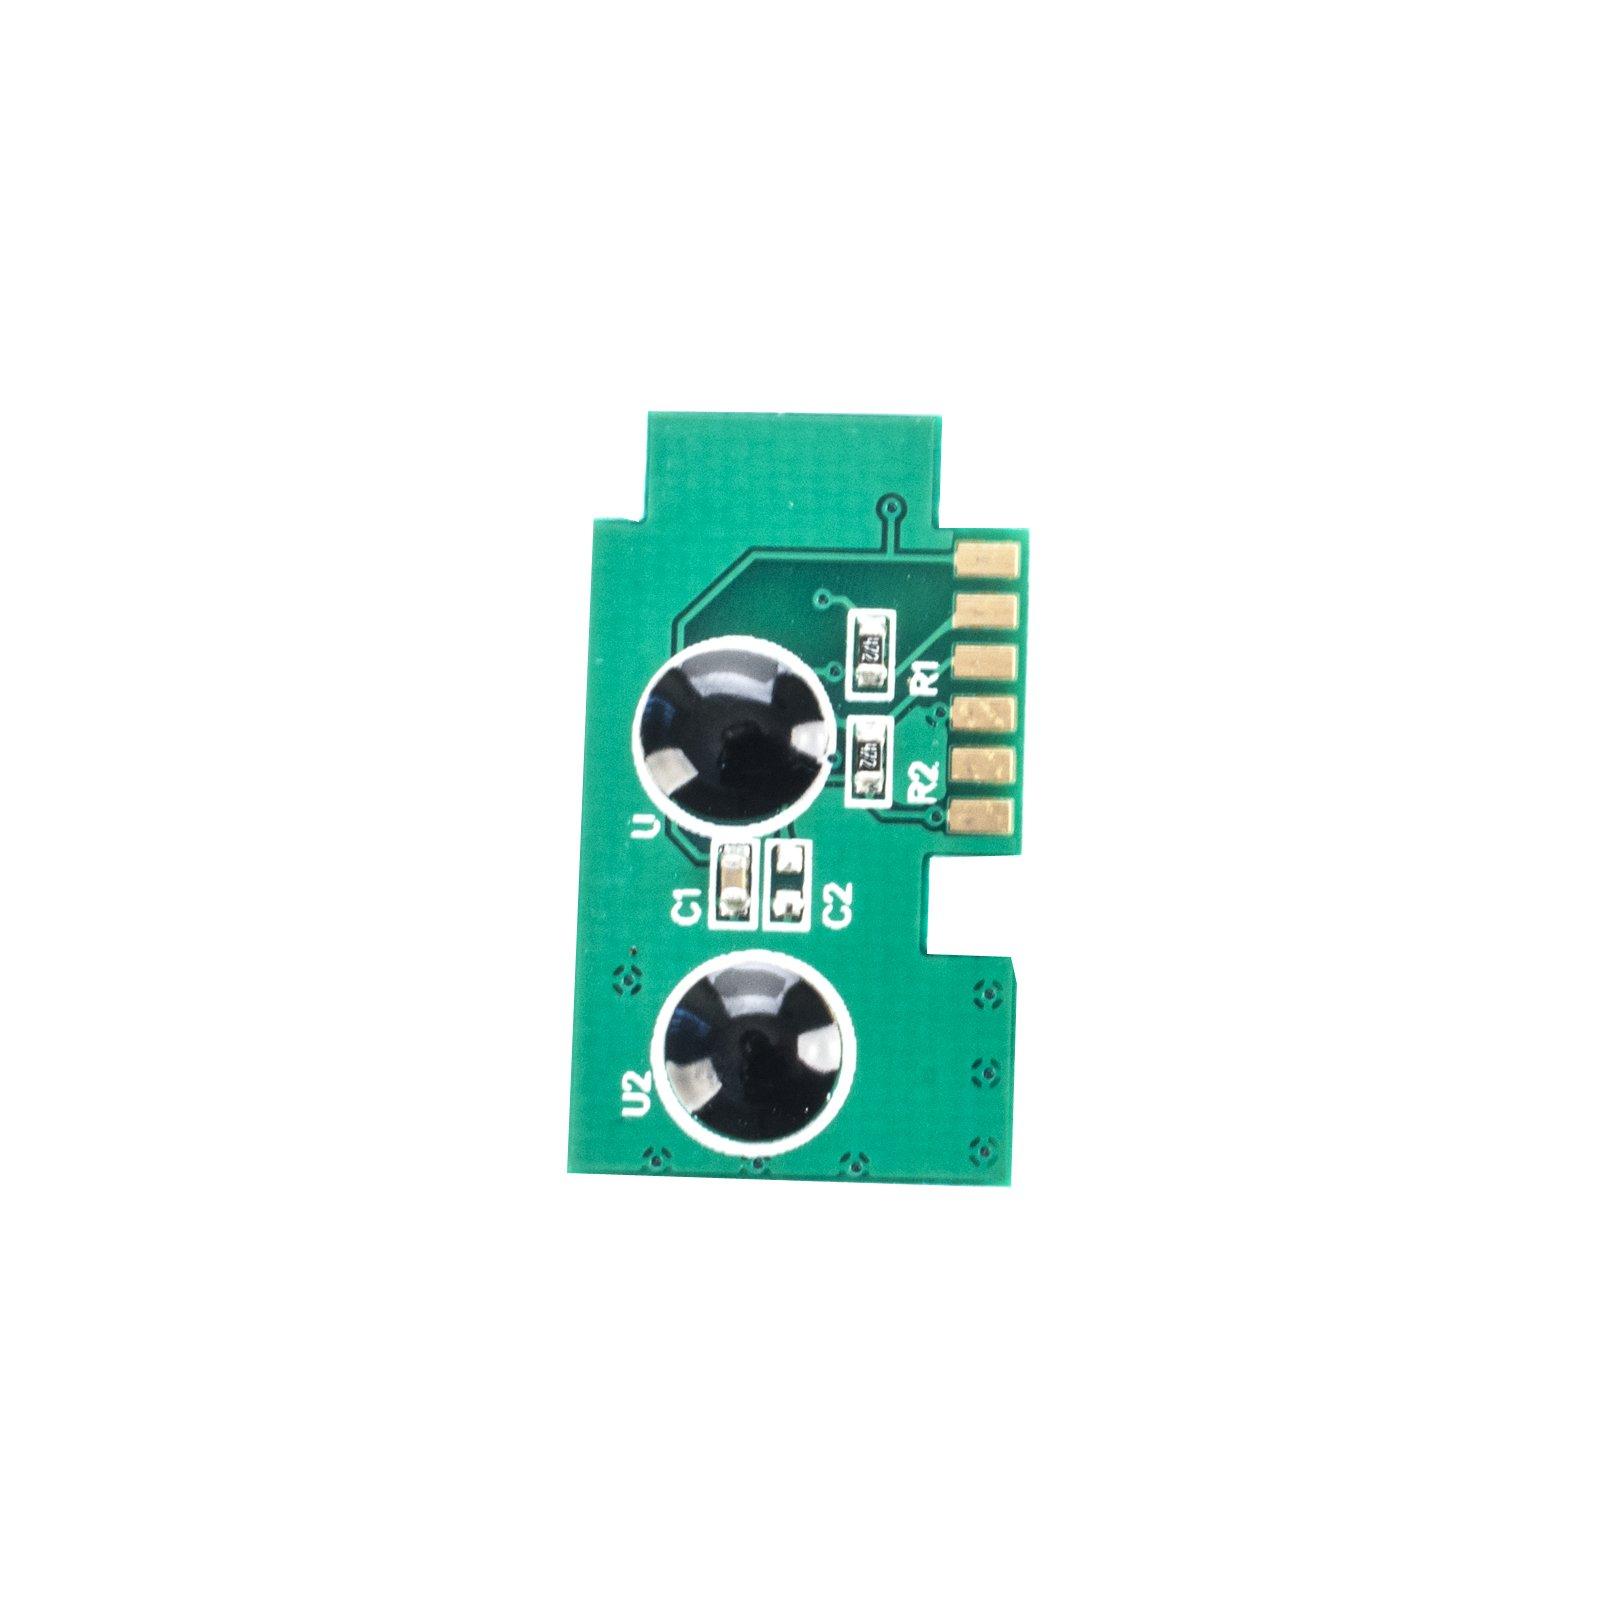 MIKOMI LK-802A WINDOWS 7 64BIT DRIVER